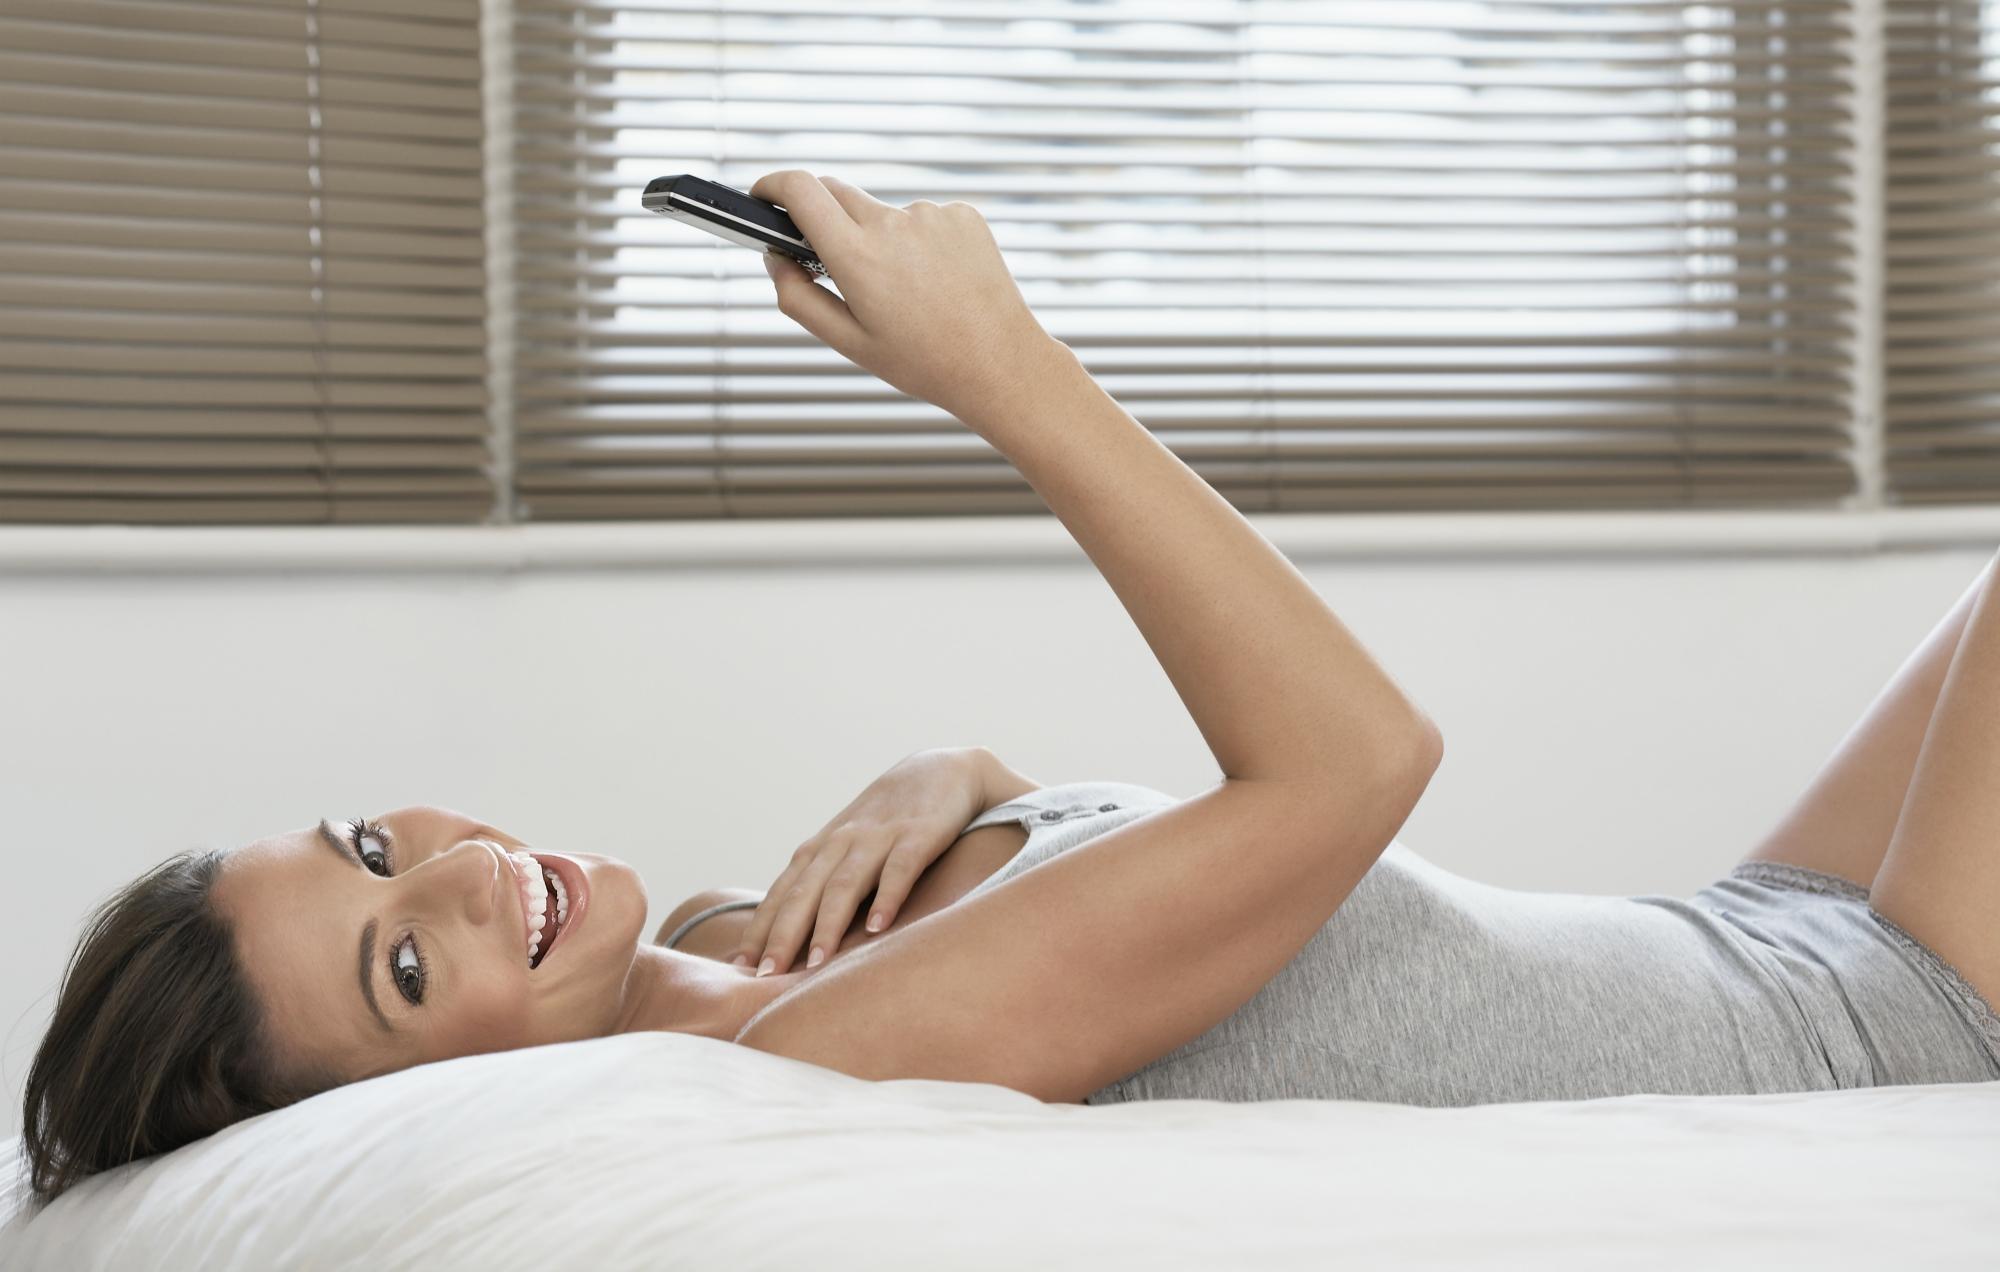 Kvinde ligger i sengen med telefon i hånden